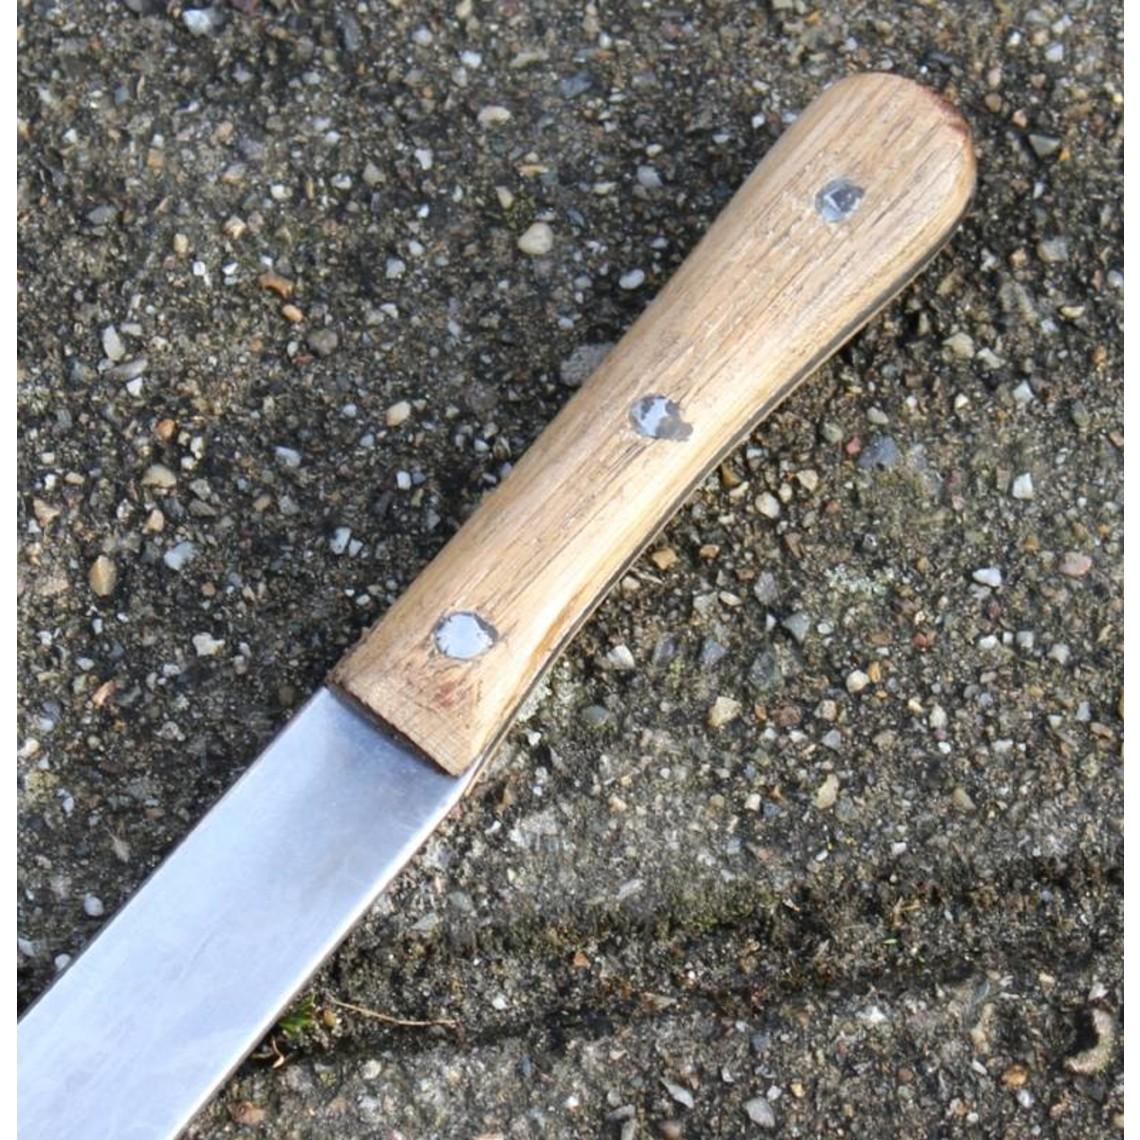 Deepeeka Seax con manico in legno di quercia